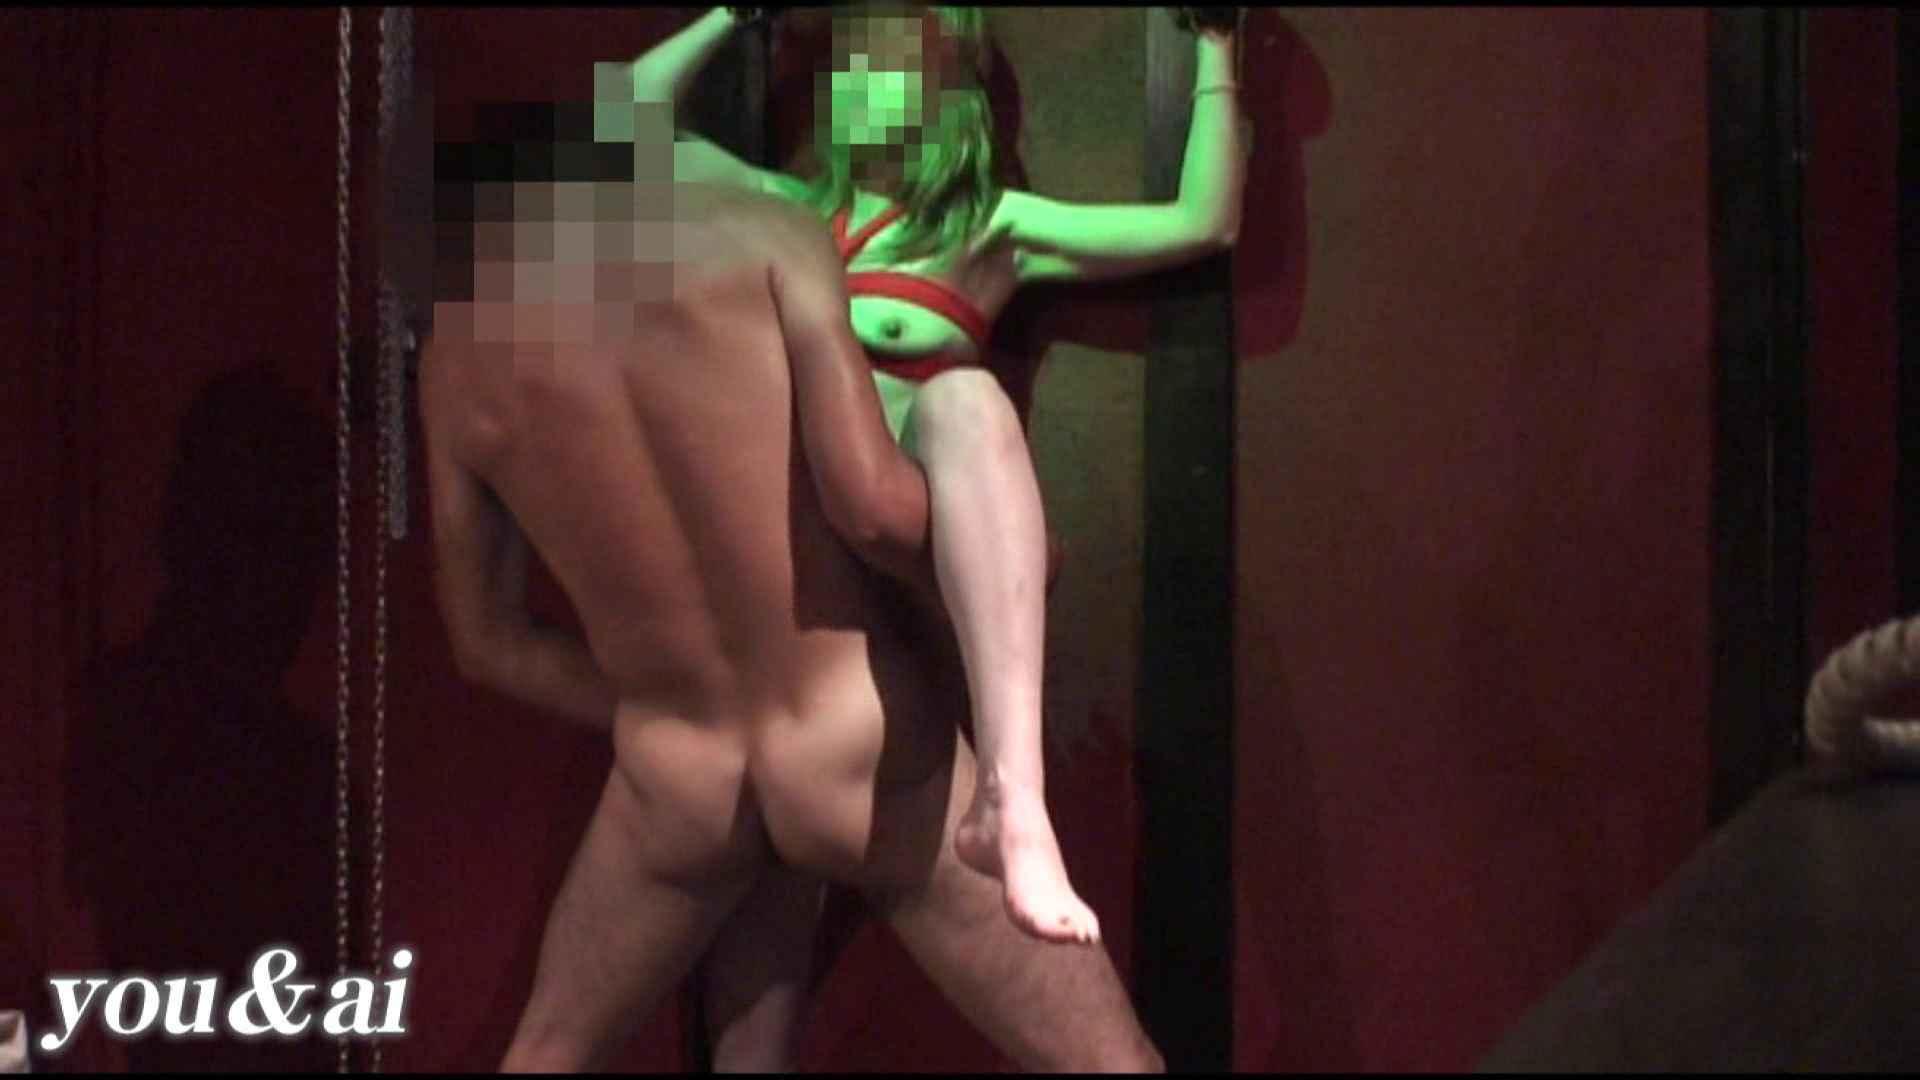 おしどり夫婦のyou&aiさん投稿作品vol.20 投稿映像 盗み撮り動画 106pic 27